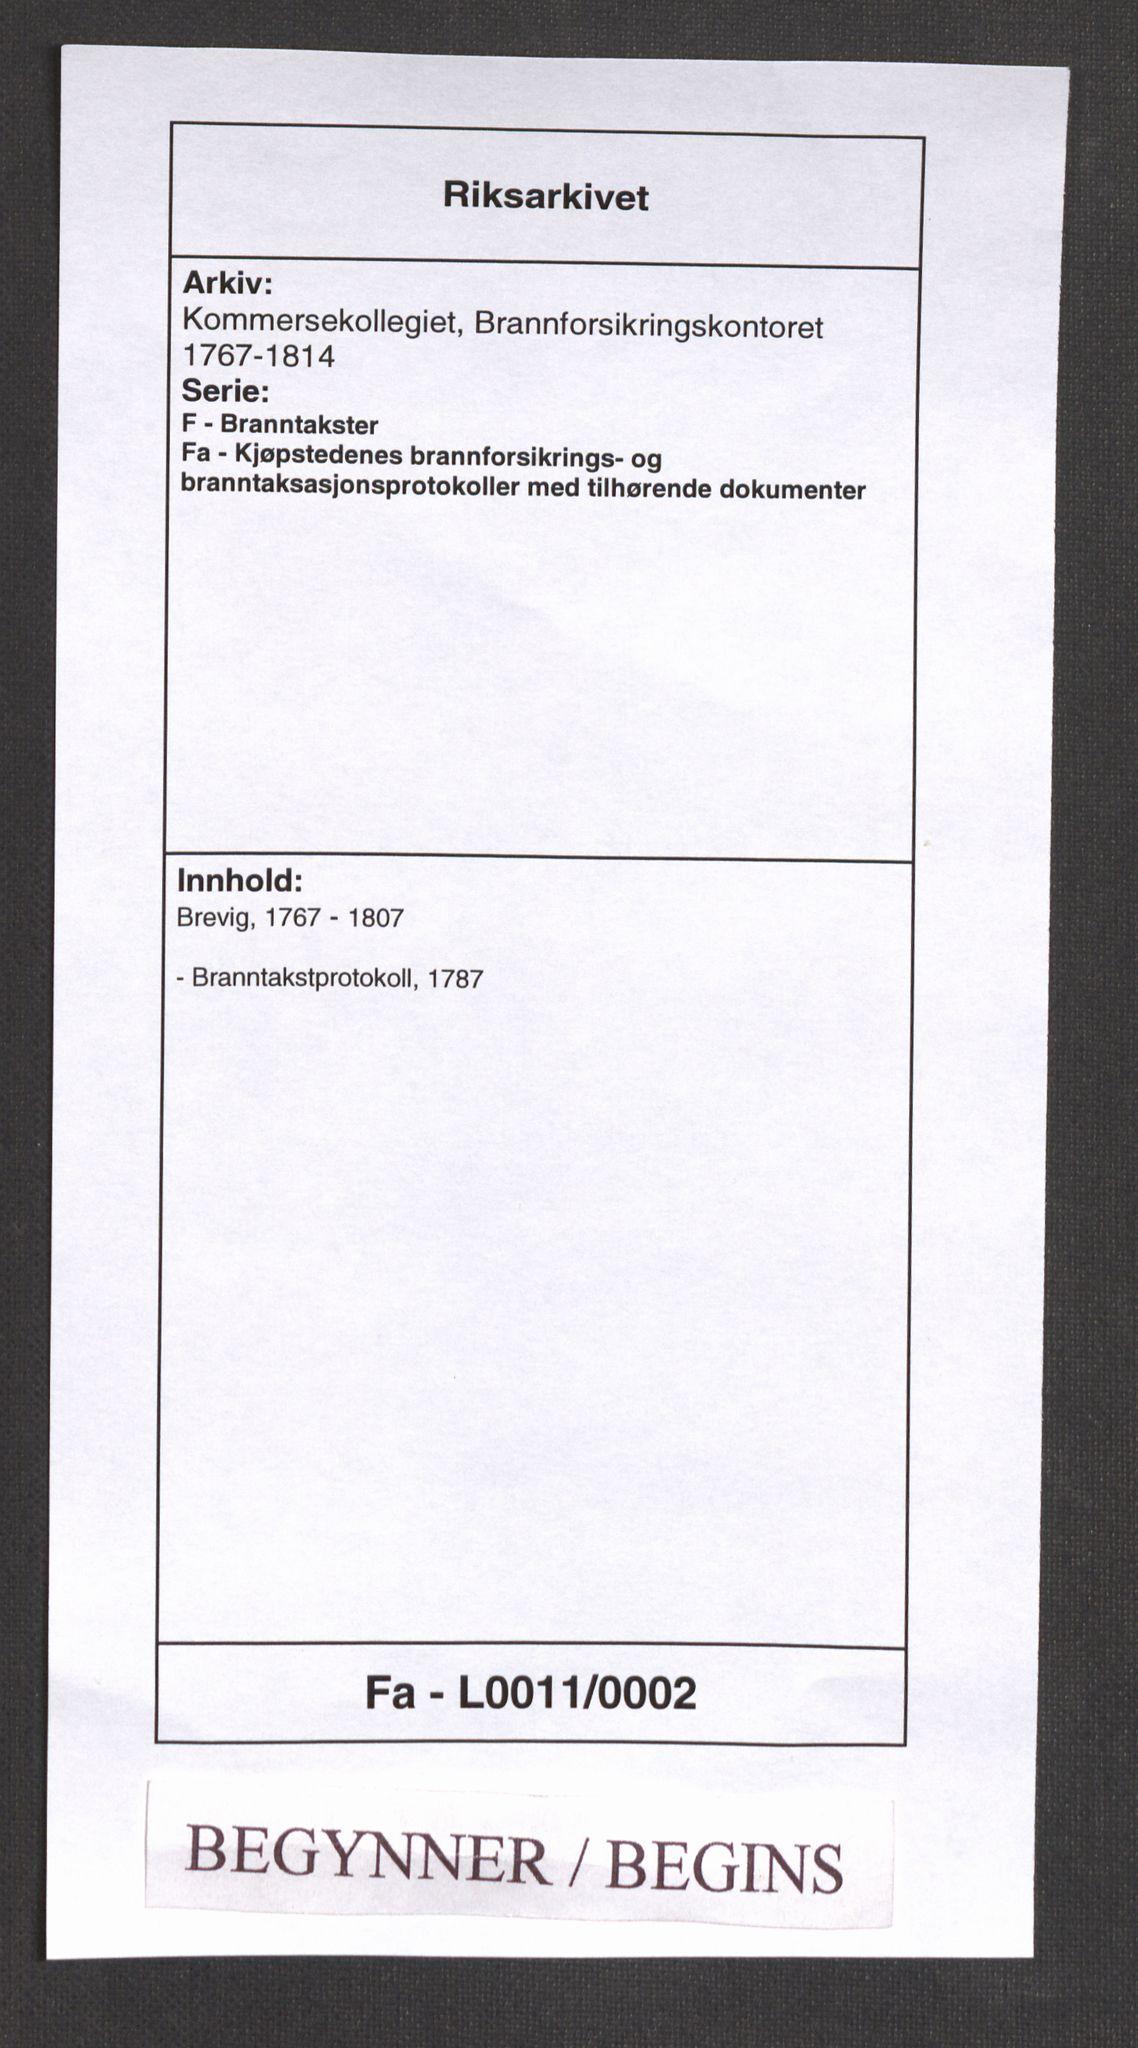 RA, Kommersekollegiet, Brannforsikringskontoret 1767-1814, F/Fa/L0011: Brevik, 1787